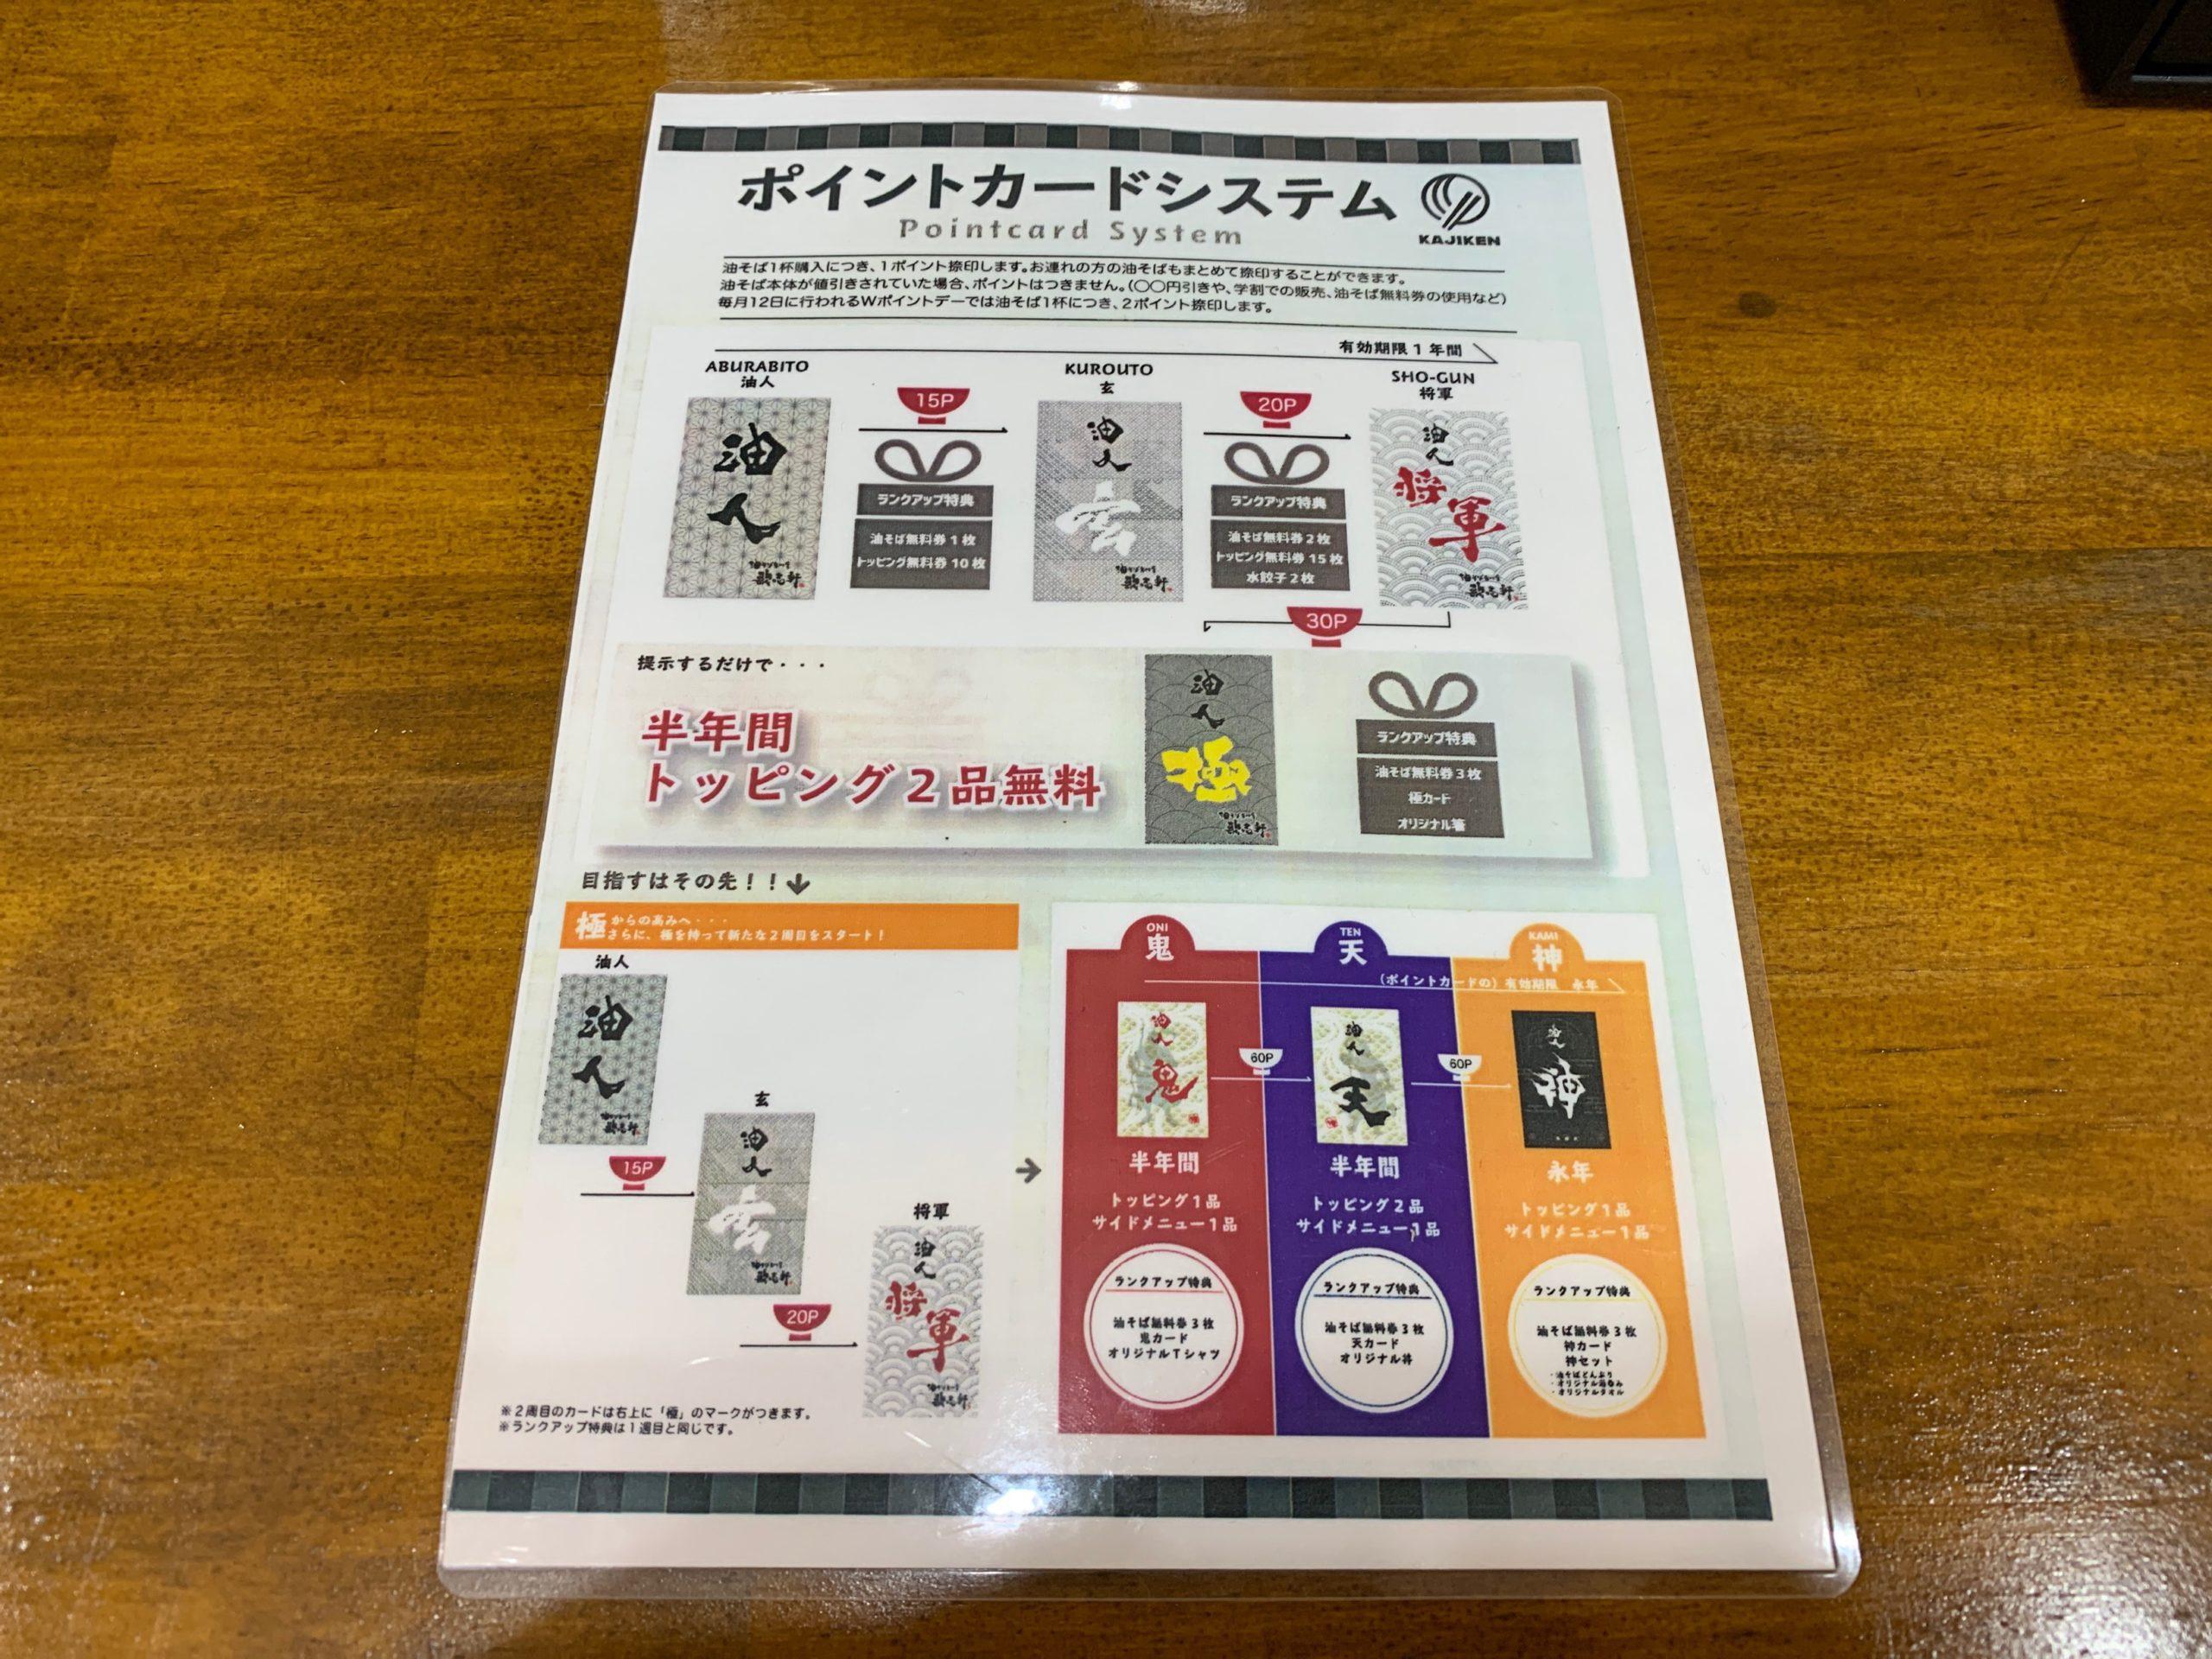 歌志軒大名店のポイントカードシステム